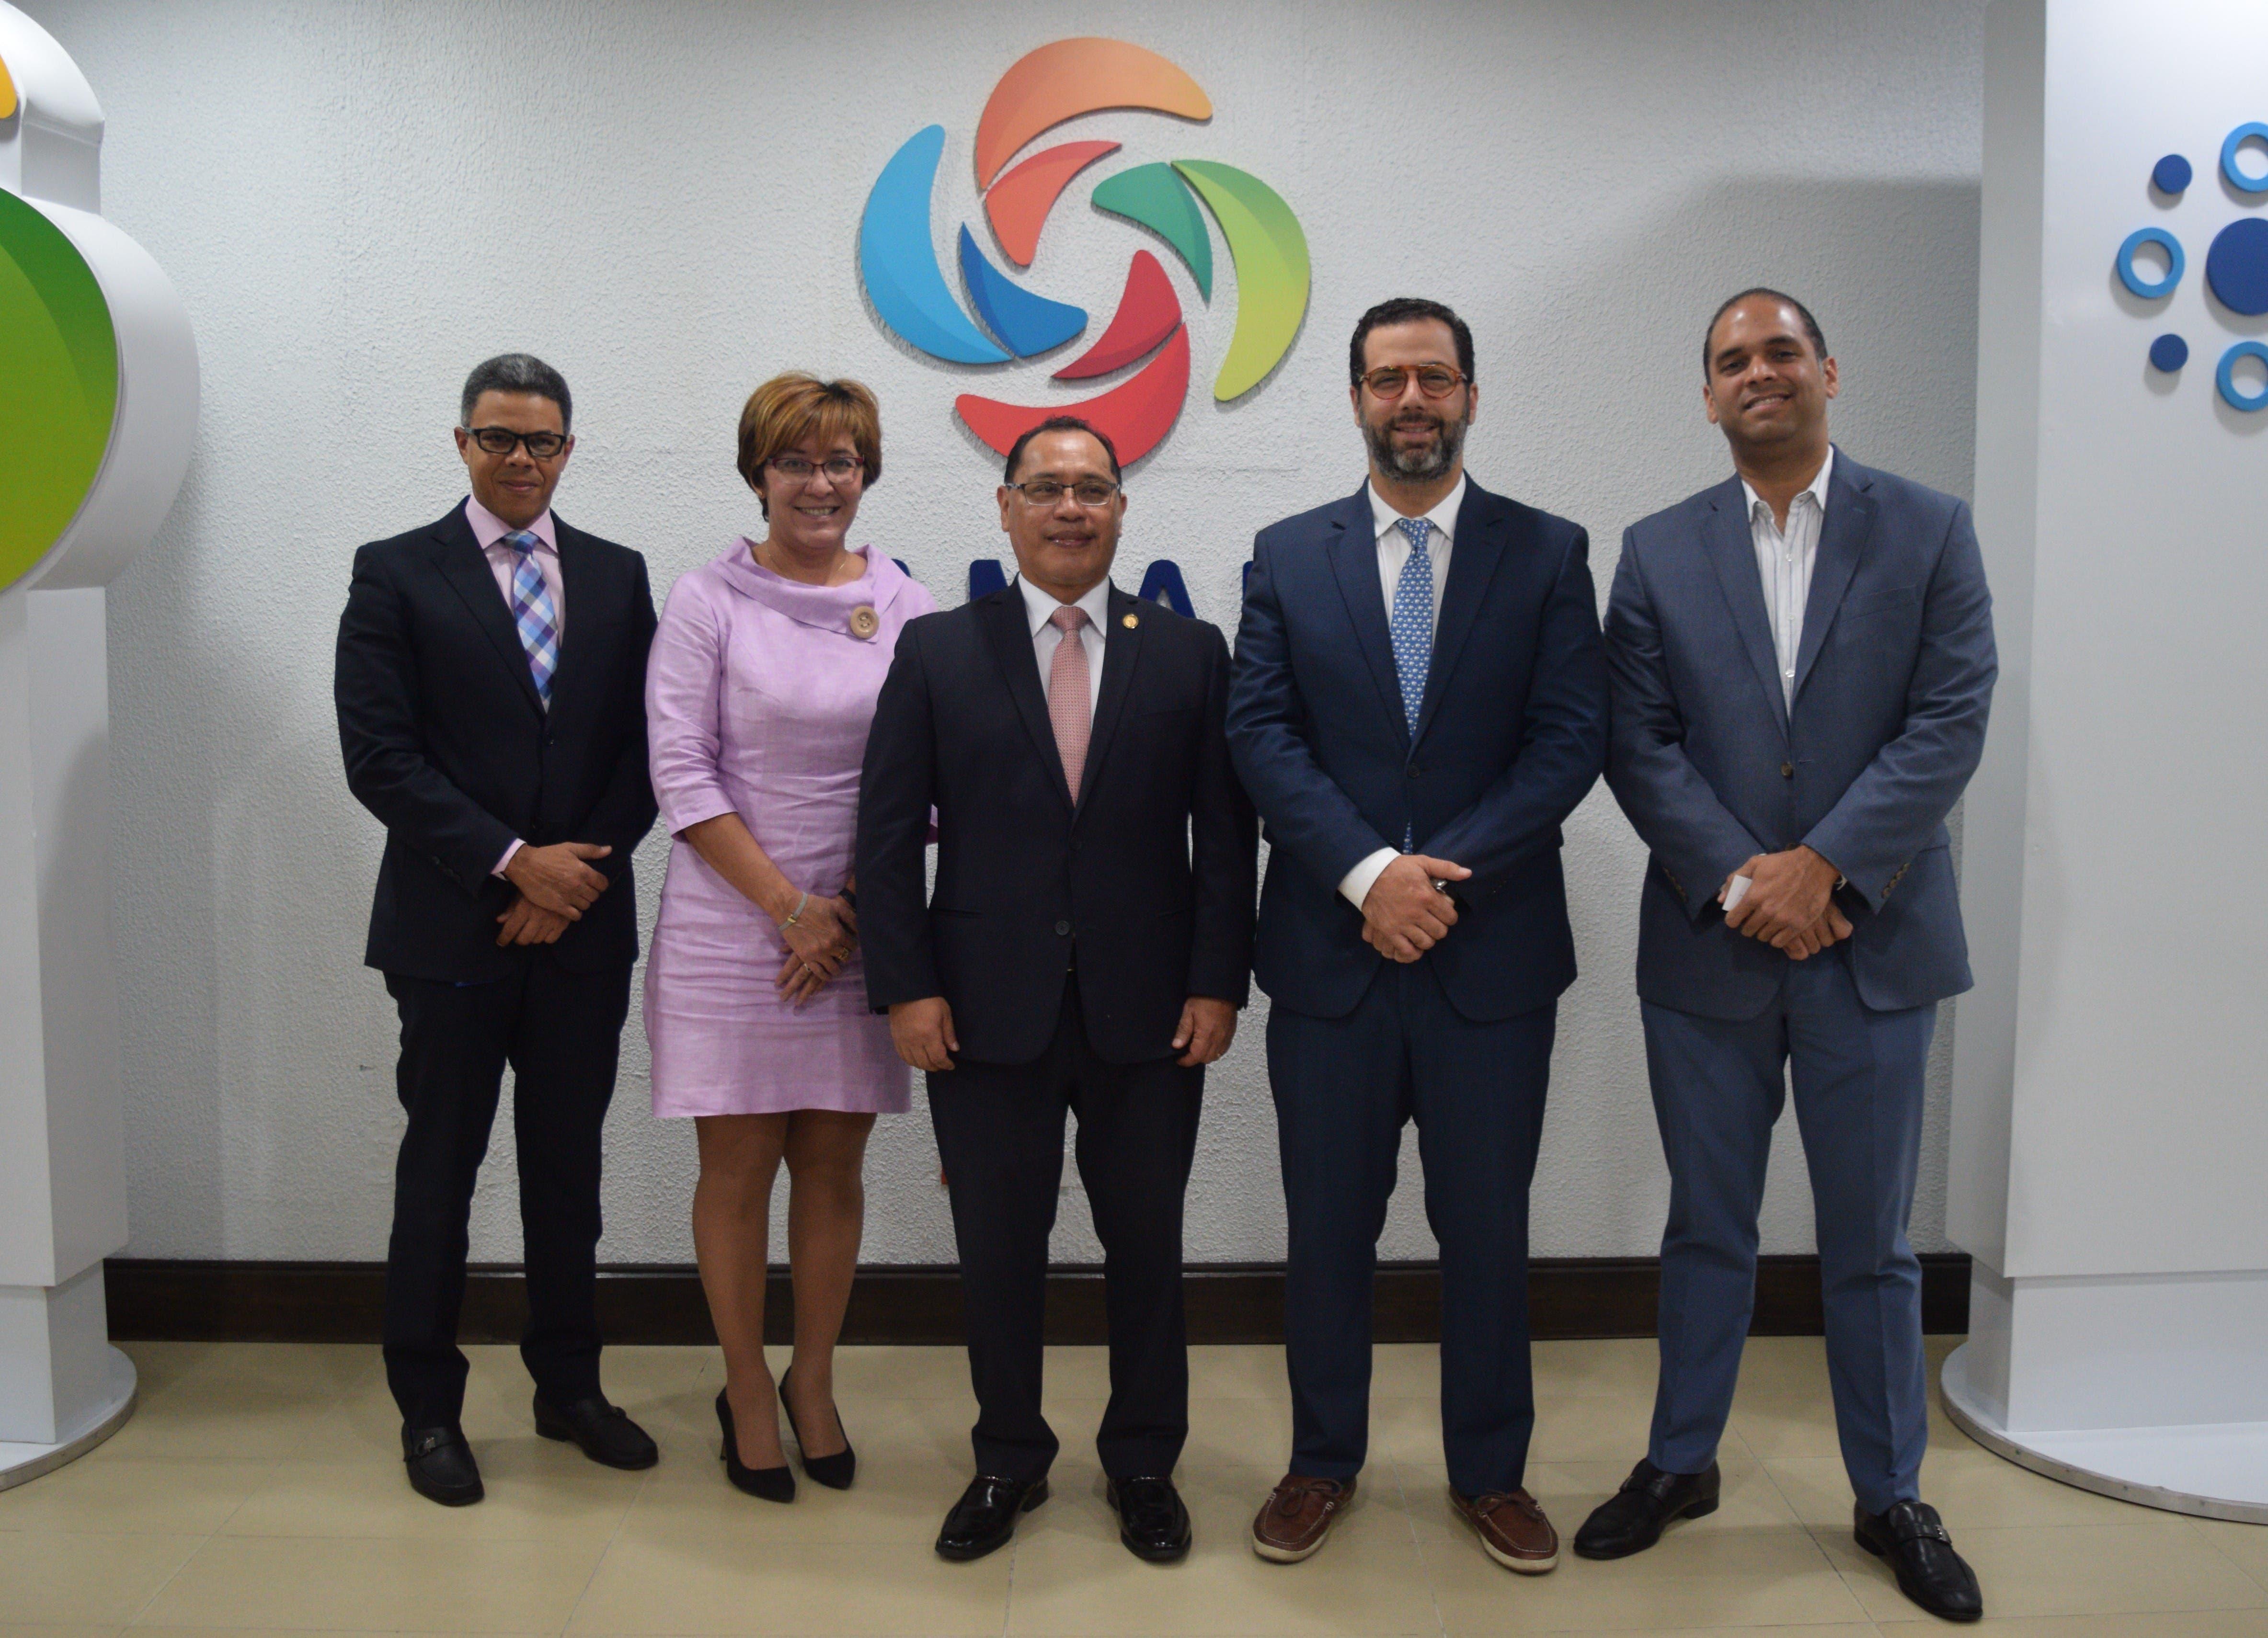 Embajadores de Guatemala y Chile realizan visita de cortesía a la Cámara de Comercio y Producción de Santo Domingo